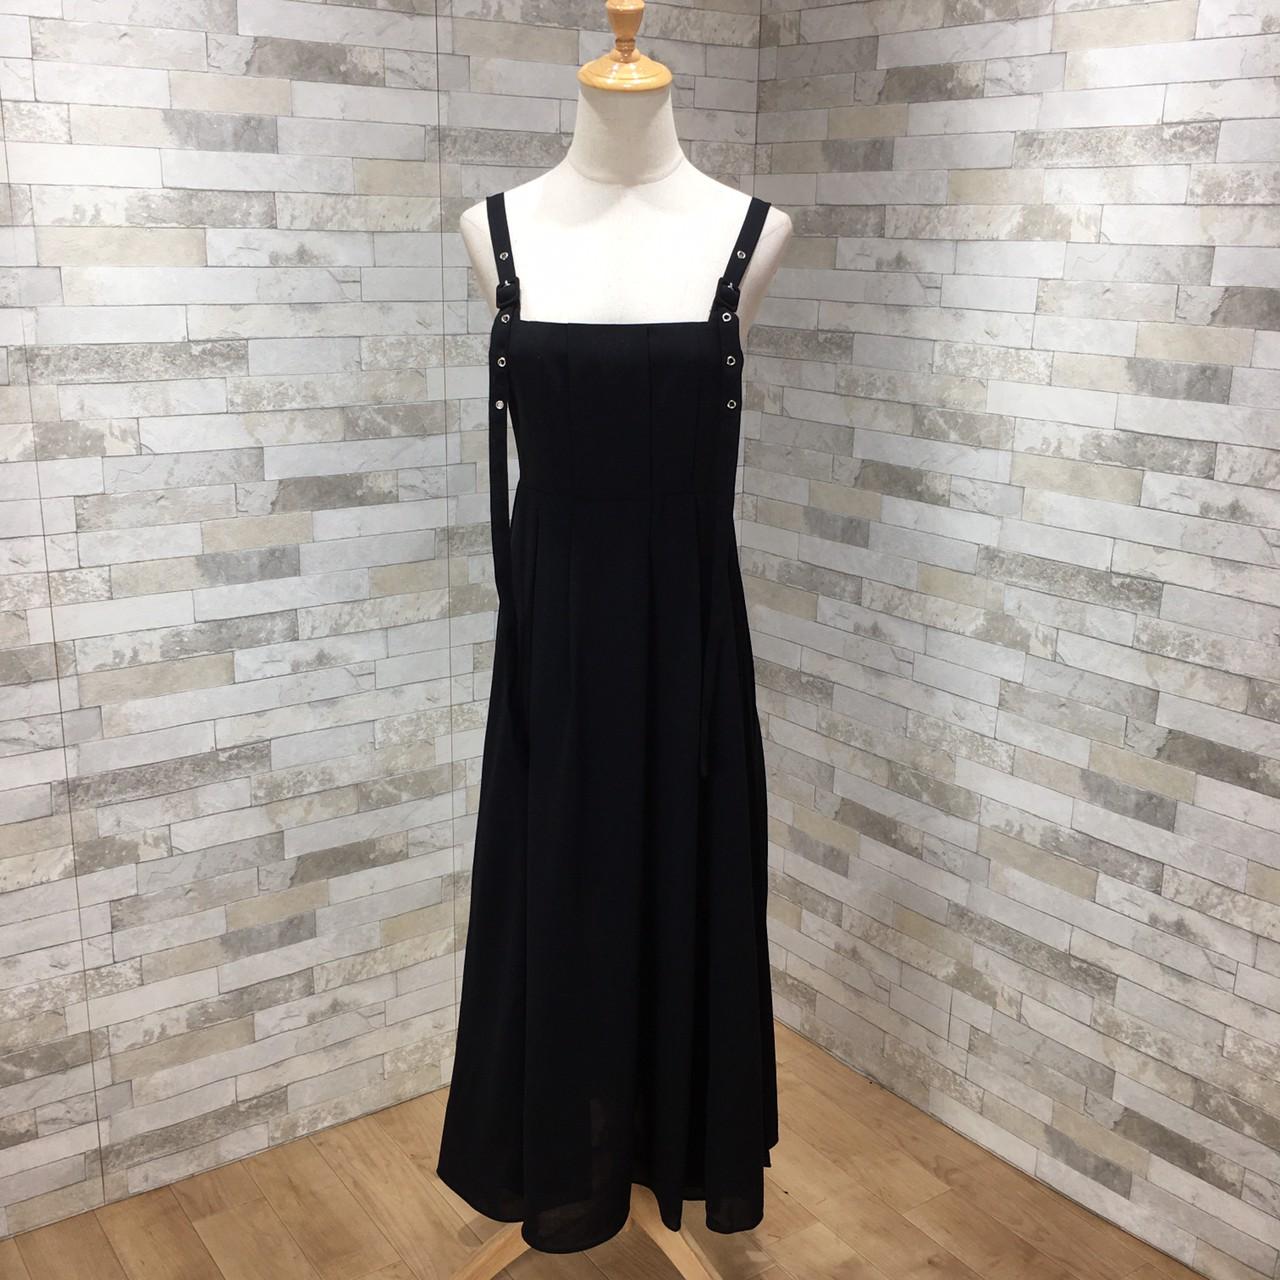 韓国 ファッション ワンピース 春 夏 秋 カジュアル PTXI015  タック ドレープ ジャンパースカート 着回し オルチャン シンプル 定番 セレカジの写真9枚目